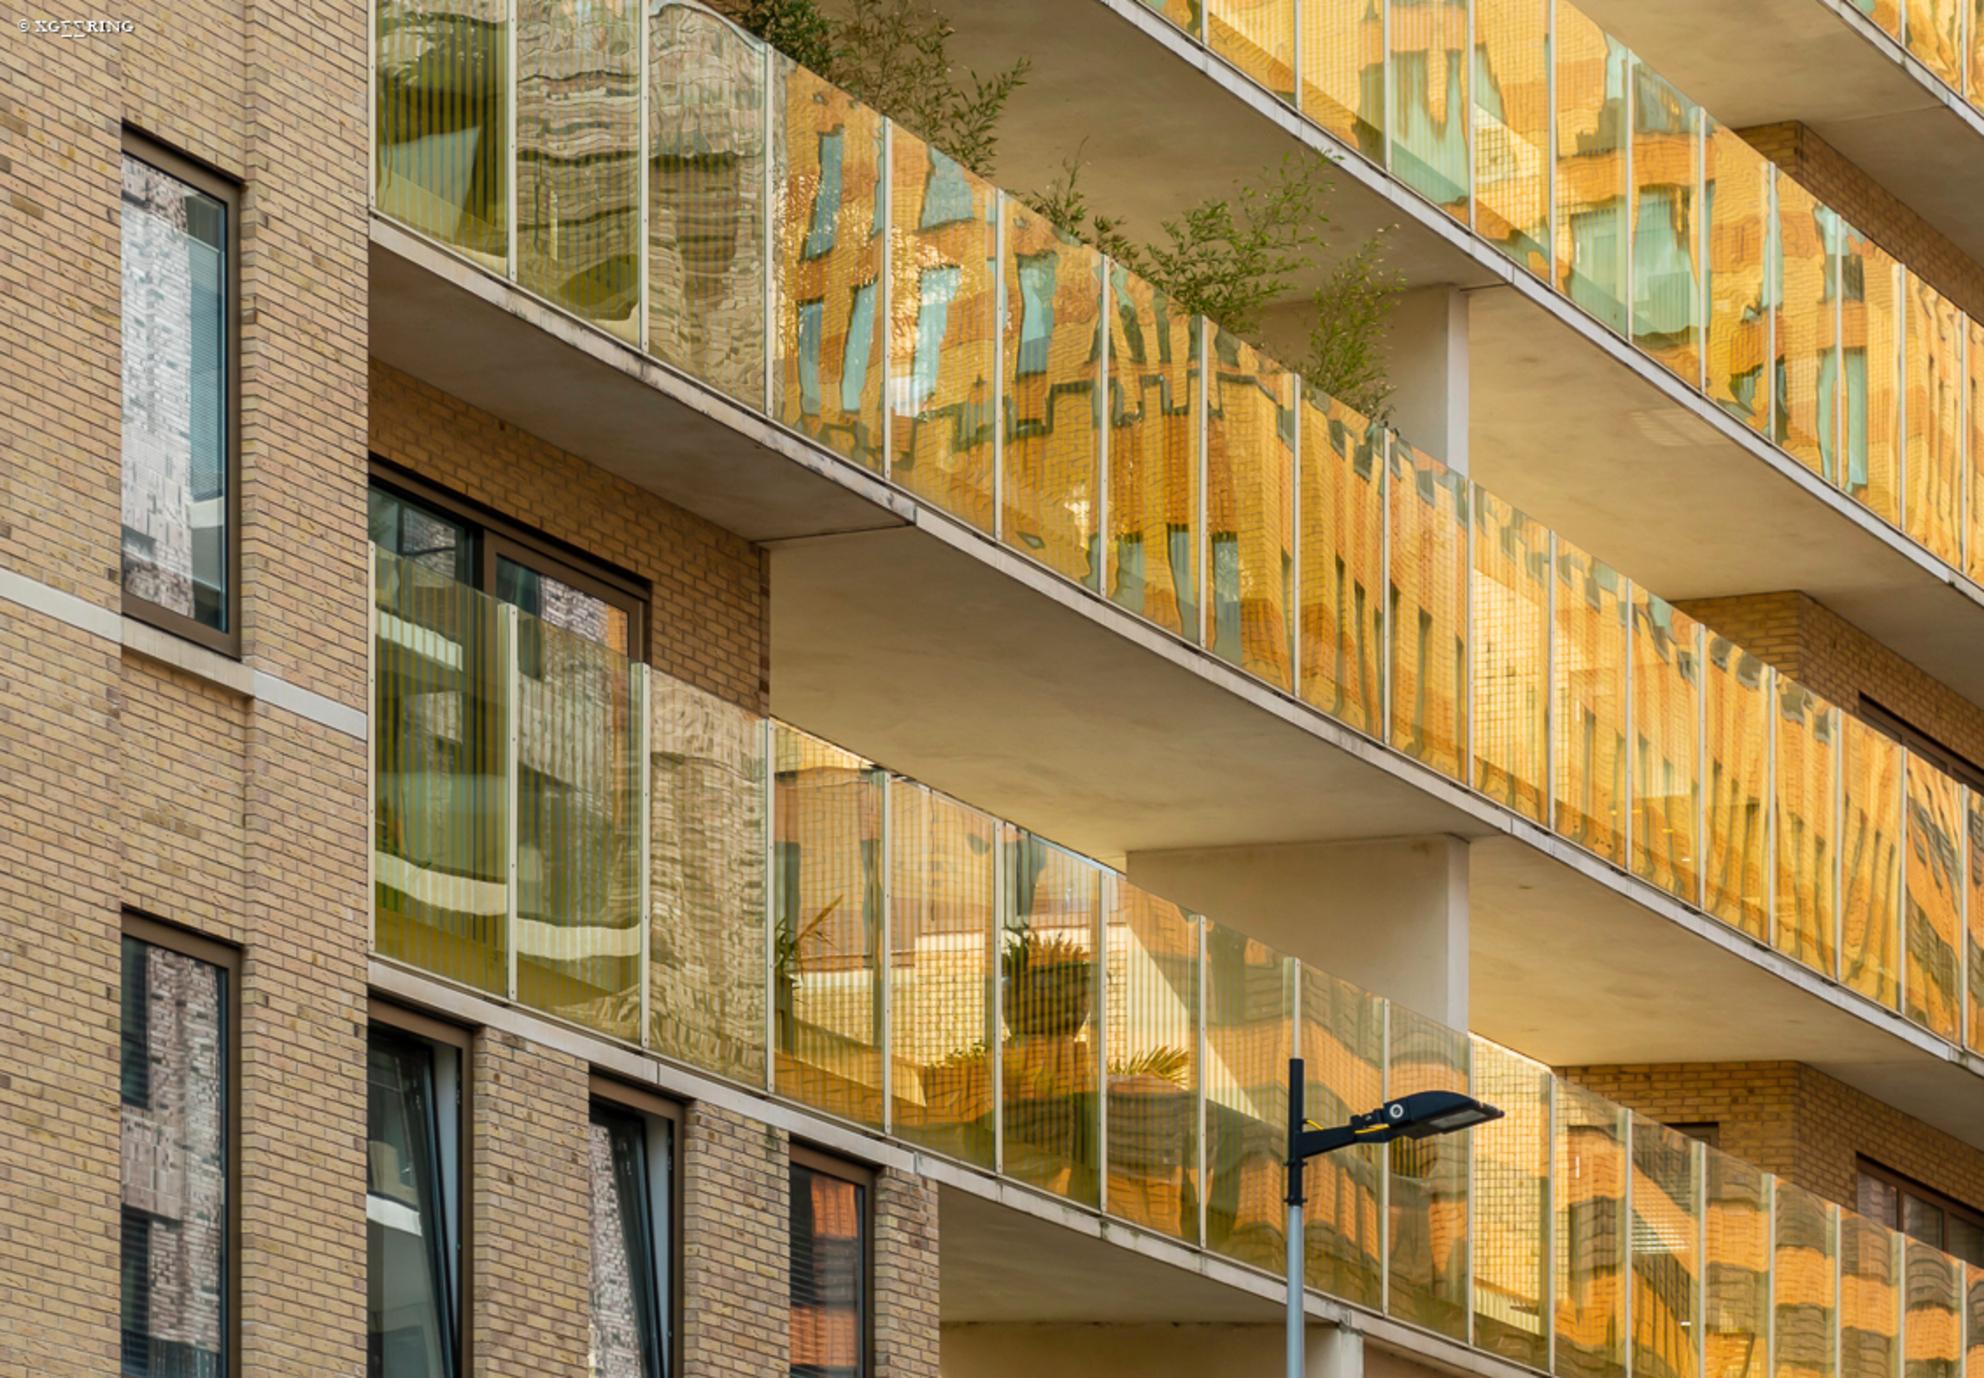 Zuidas 10 - Beetje 'spielerei' met lijnen, glas en spiegelingen. Wederom in kleur maar nu een wat warmere tint; ook qua kleur kom je van alles tegen op de Zuidas - foto door xgeering op 13-05-2020 - deze foto bevat: amsterdam, kleur, lijnen, architectuur, reflectie, gebouw, perspectief, zuidas - Deze foto mag gebruikt worden in een Zoom.nl publicatie